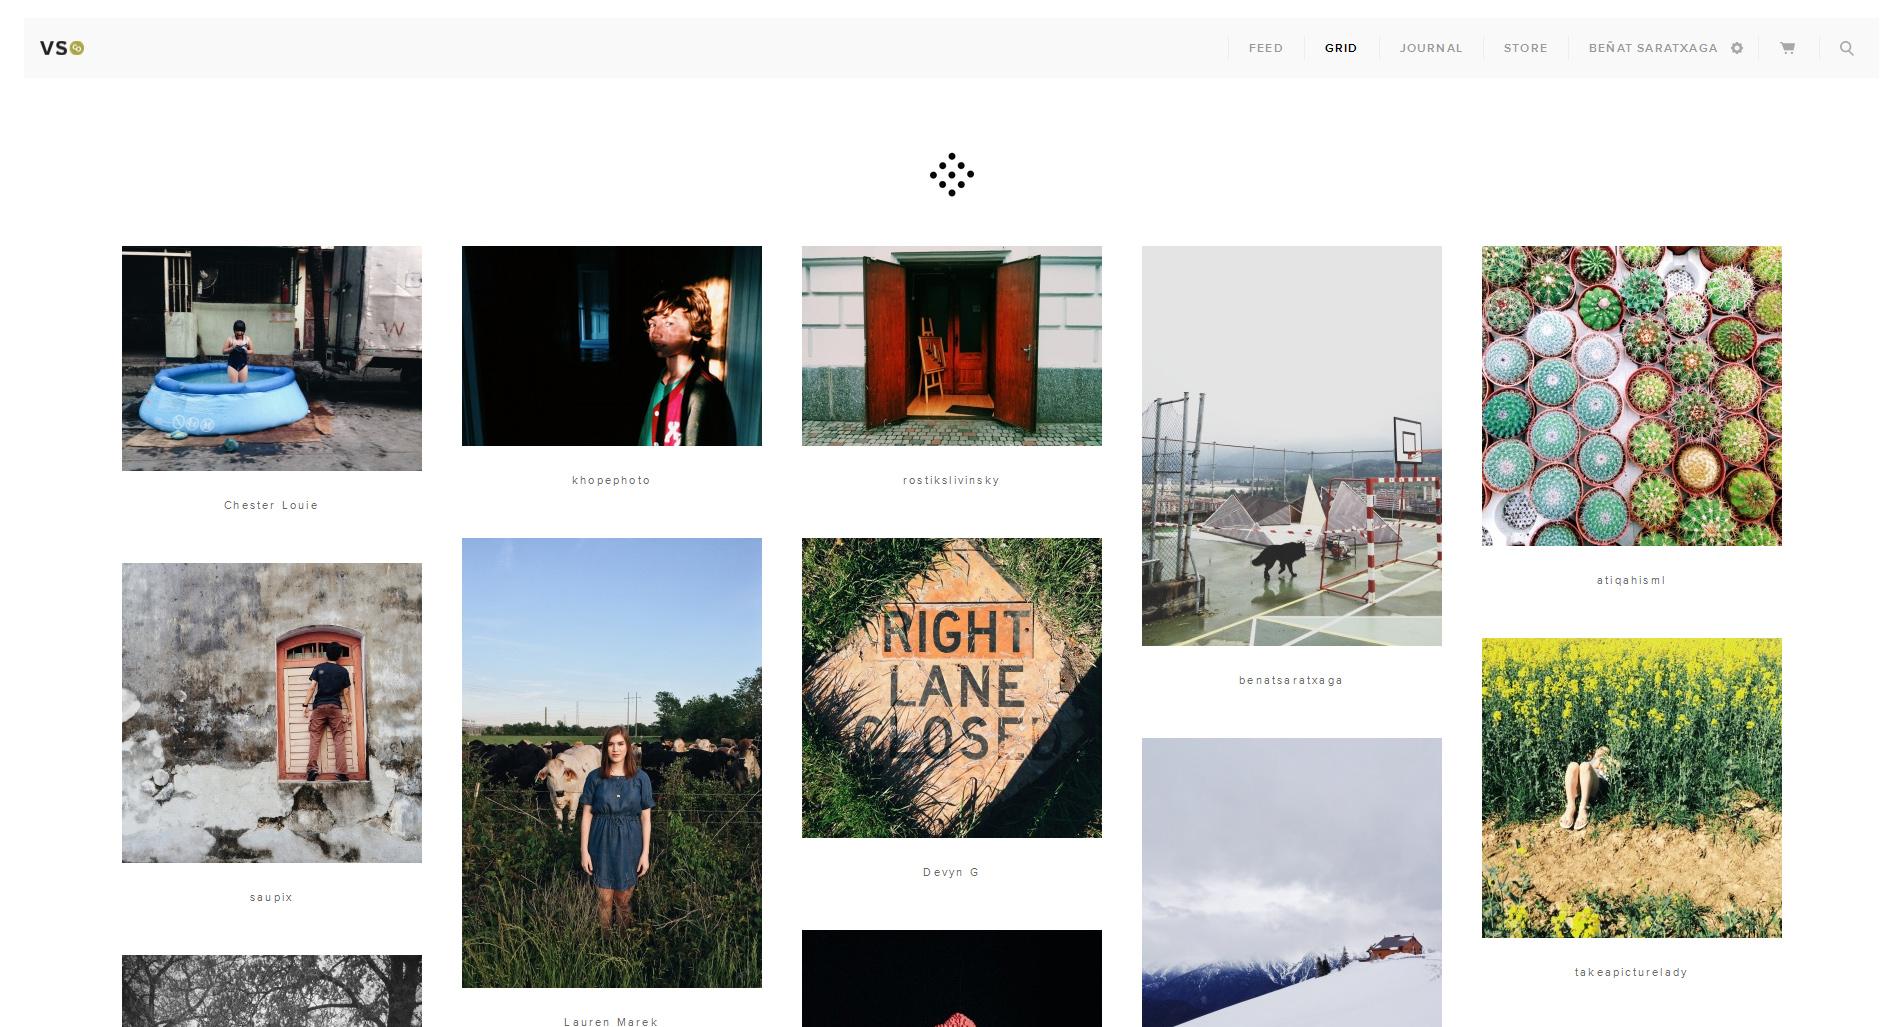 Captura de pantalla 2014-07-03 10